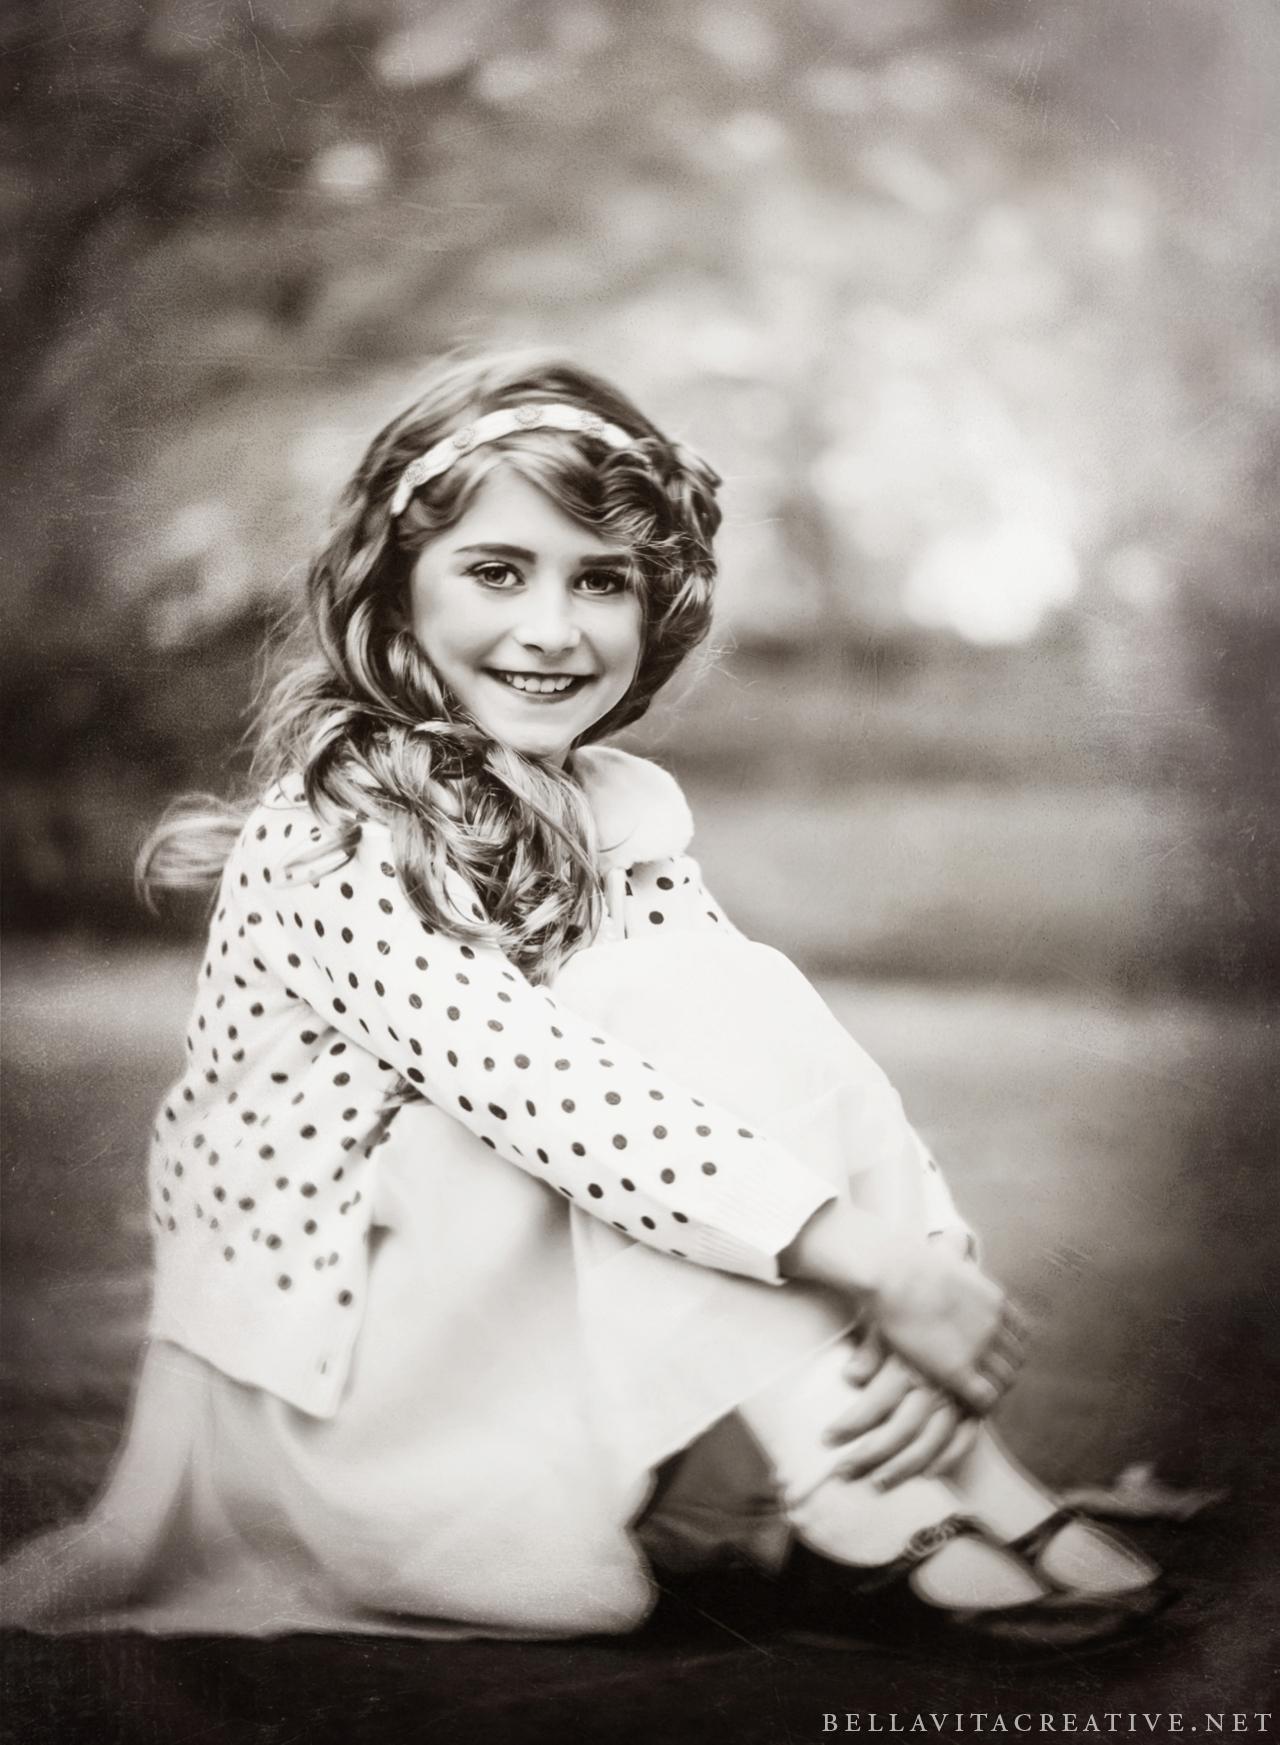 Skagit-County-Children's-Portraits-Bella-Vita-Creative_0032.jpg